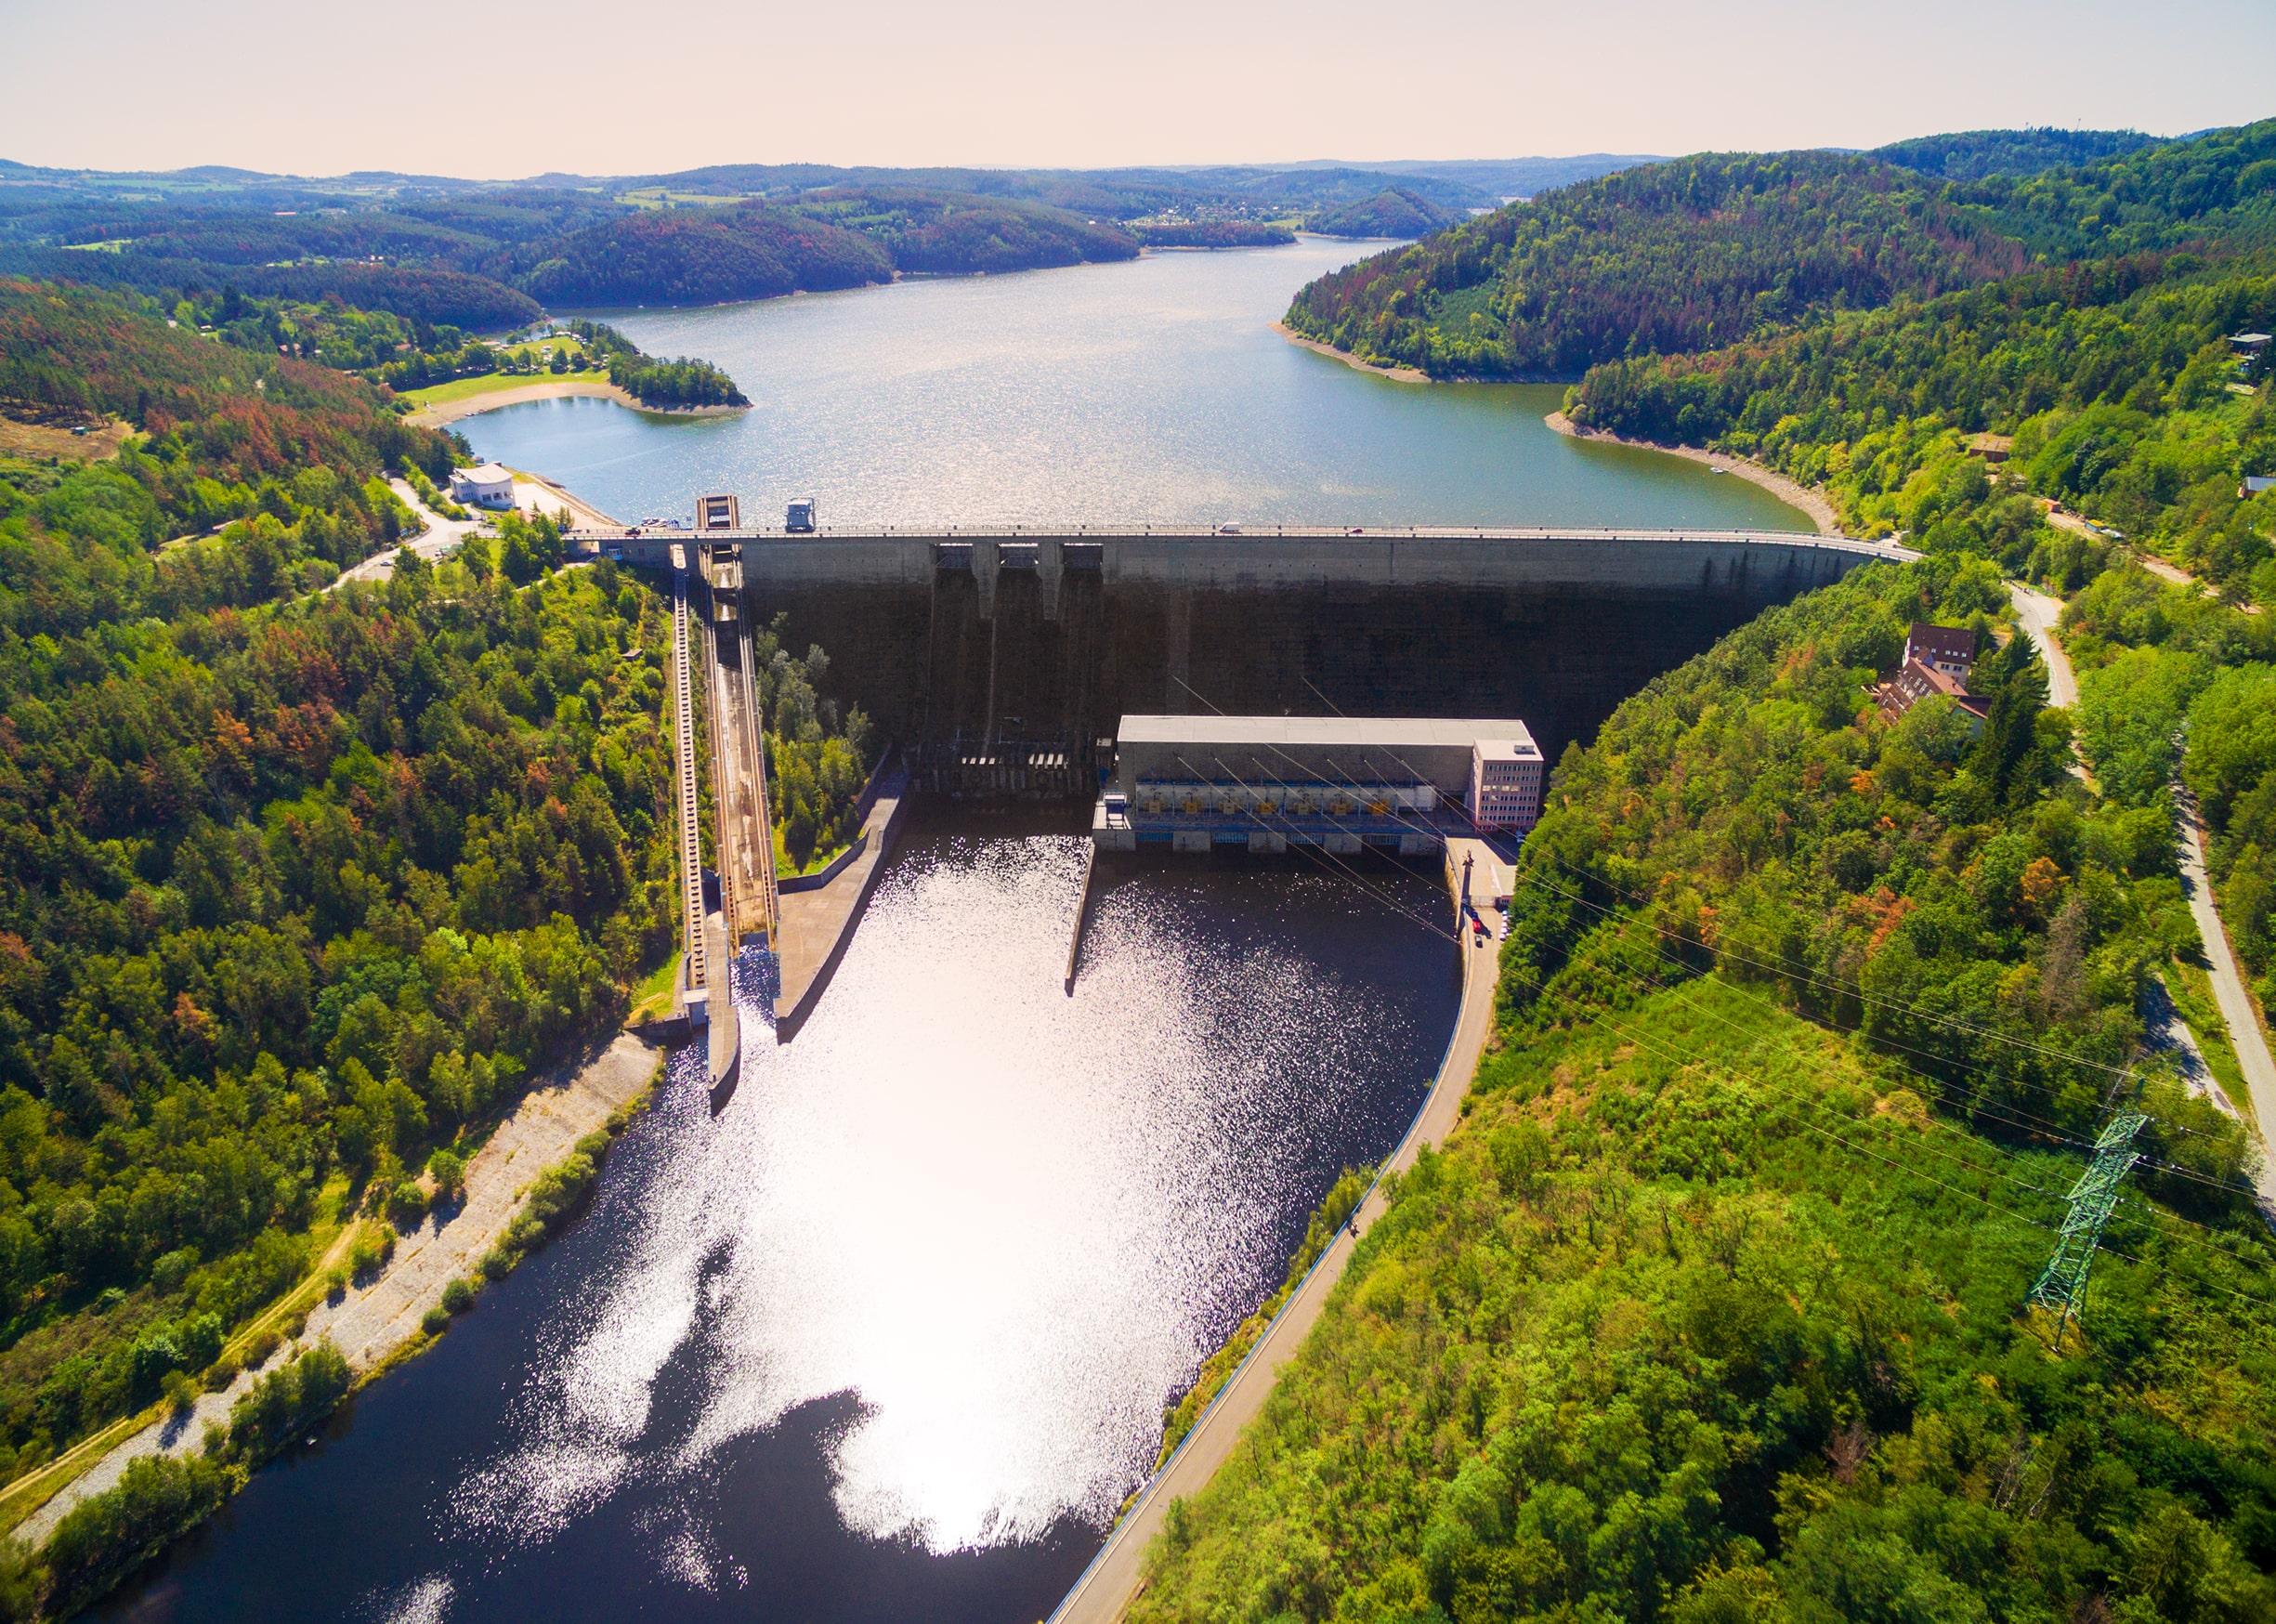 impacto ambiental causado pela hidroelétrica